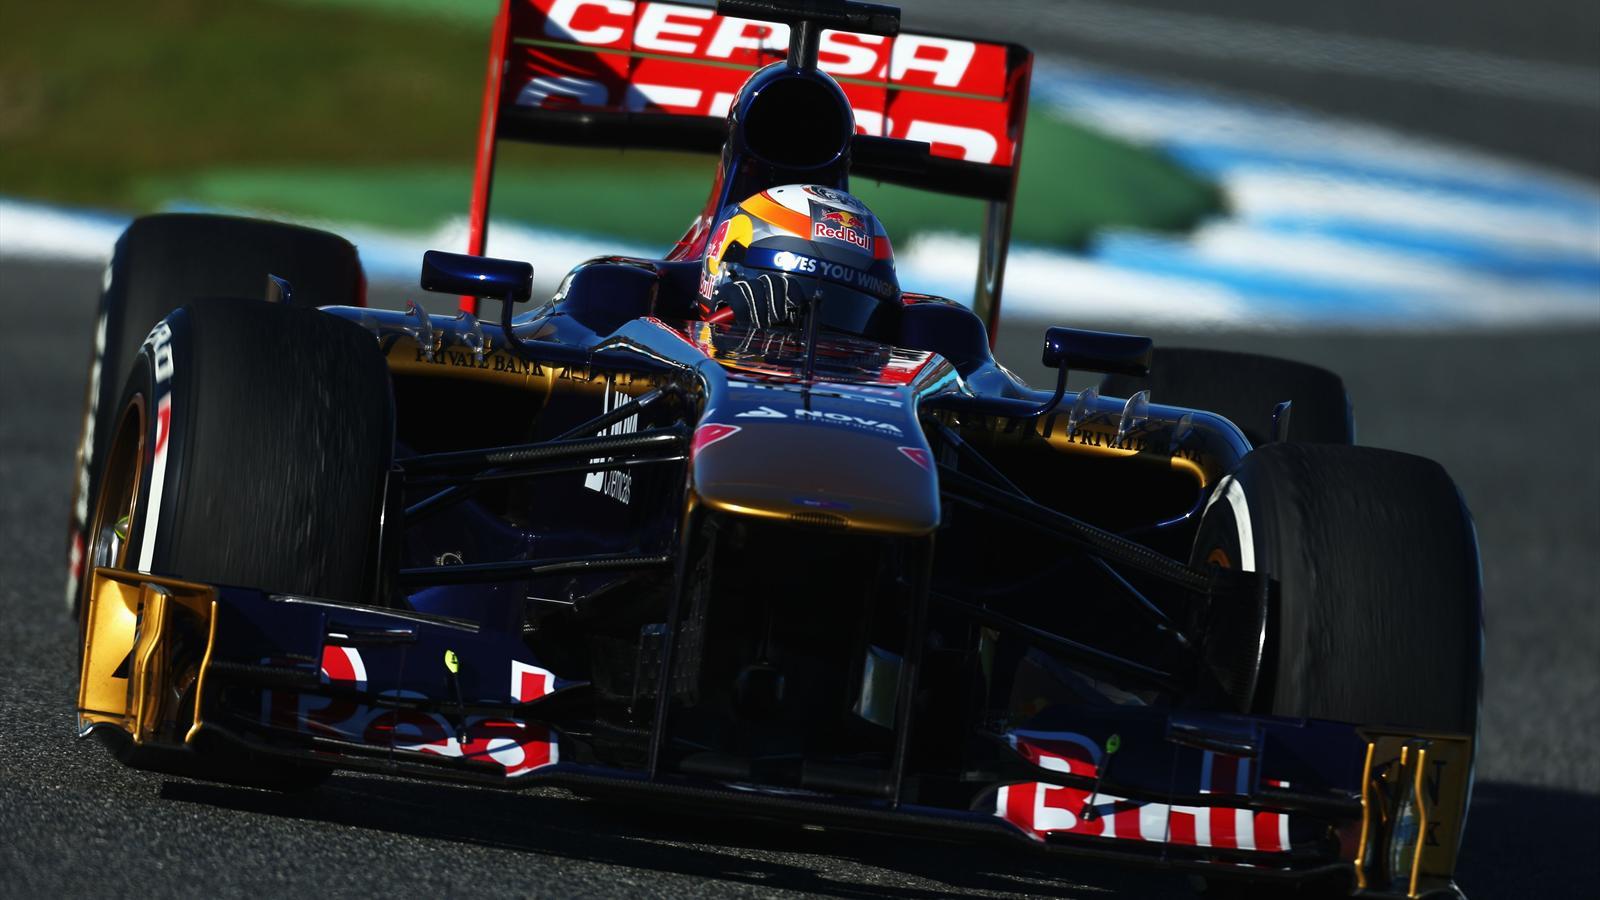 Jerez jean eric vergne toro rosso la voiture semble augurer de bonnes choses formule 1 - Formule vitesse de coupe ...